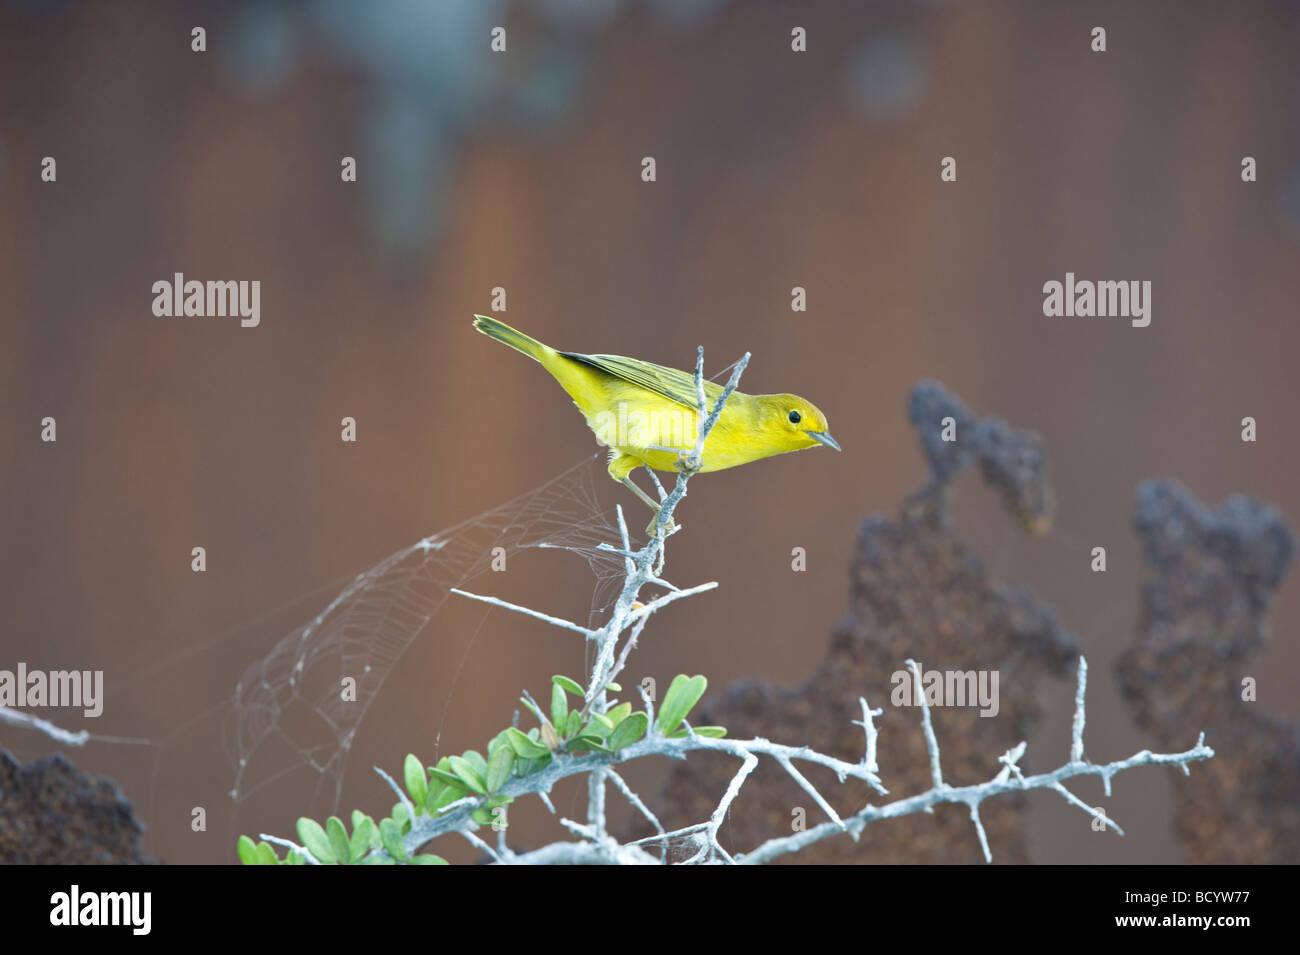 Schnäpperrohrsänger (Dendroica Petechia Aureola) Barsch auf Bush auf Vorderseite des rostigen Eisen drum Stockbild